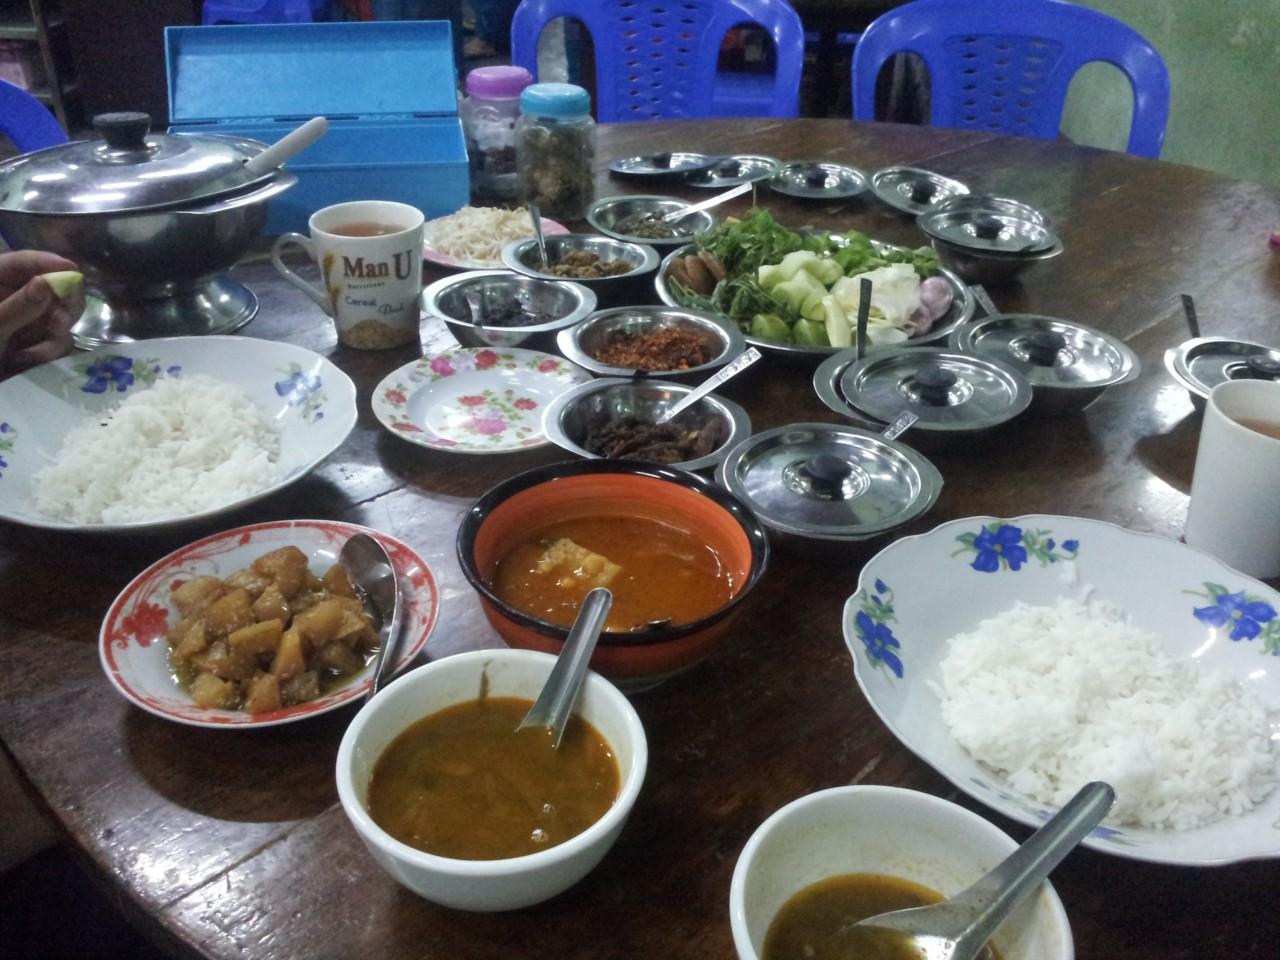 Burmanisches Gericht. Man bekommt immer eine Suppe und viele kleine Beilagen dazu. Die Gerichte werden in der Früh gekocht und bis abends in Töpfen aufbewahrt.